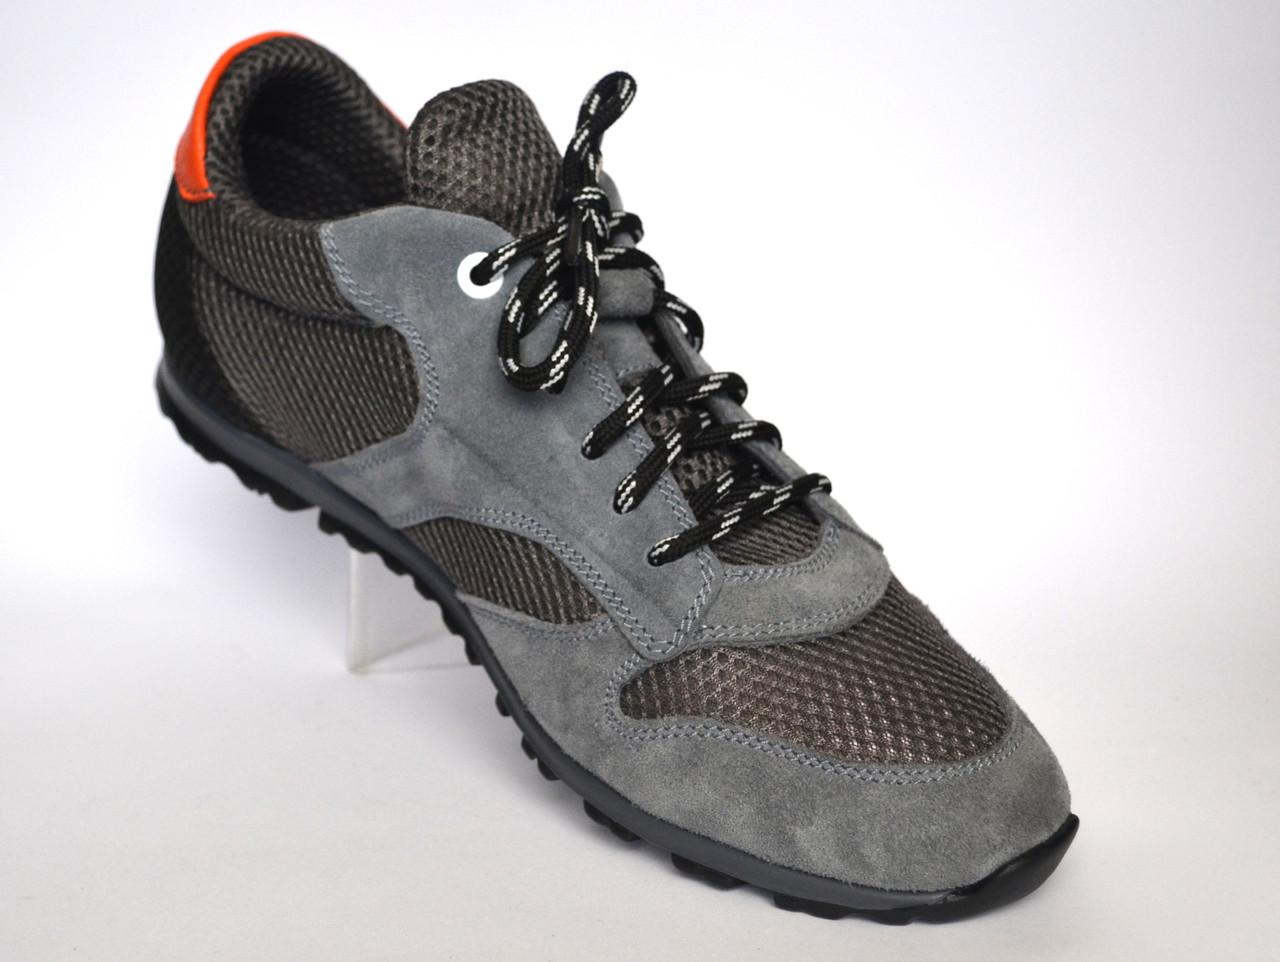 Большой размер кроссовки сникерсы мужские в сеточку с кожаными вставками Rosso Avangard BS Riddo Grey серые, фото 1